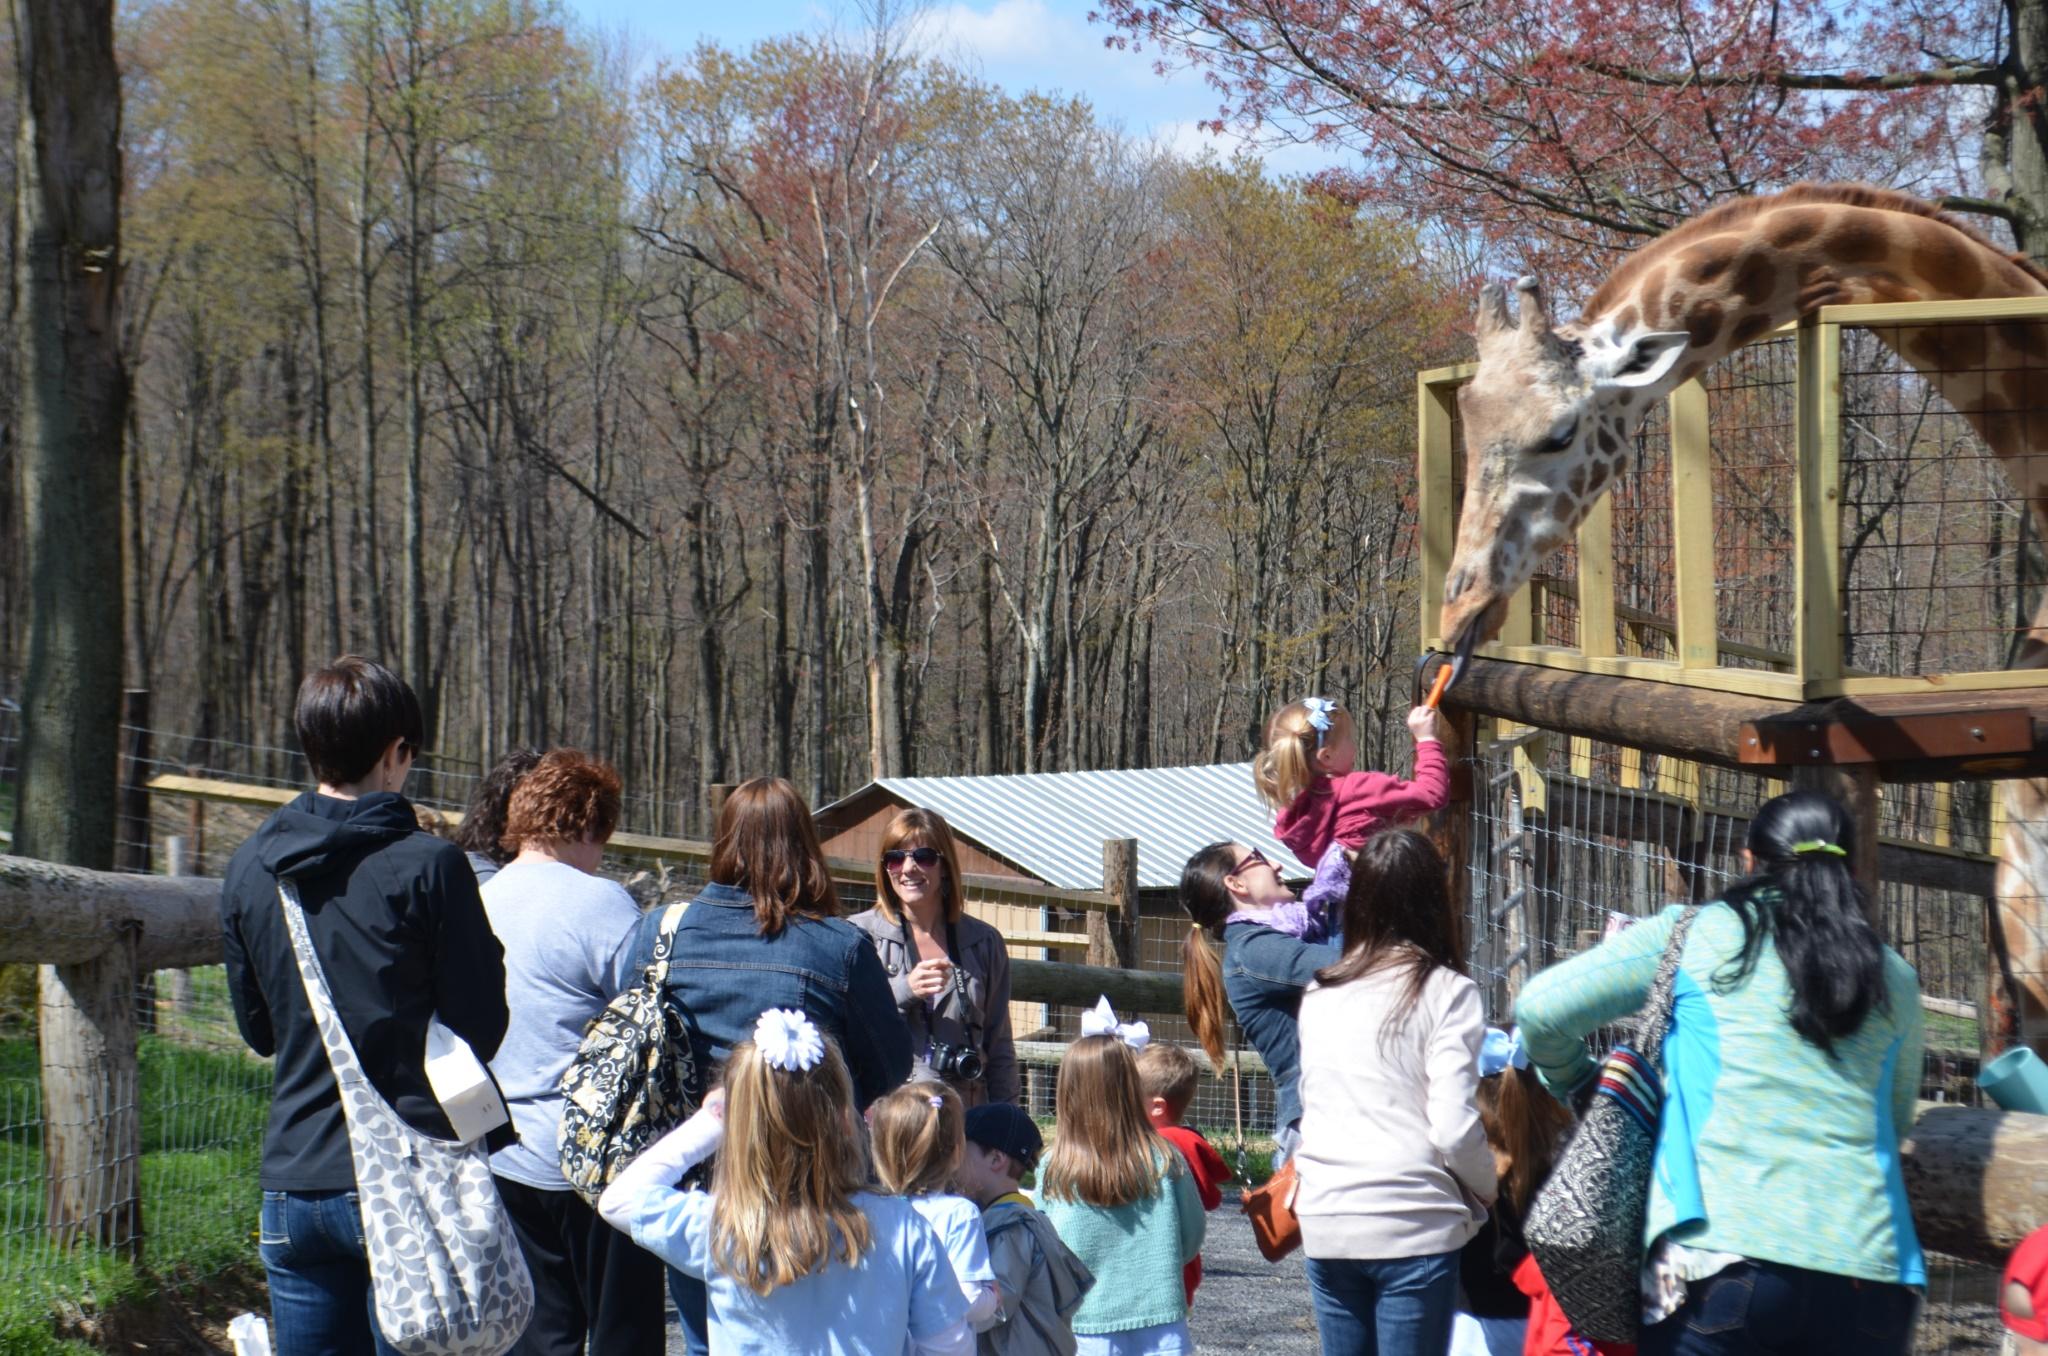 2013-04-26 10.04.08 K4 Hovatter's Zoo Field Trip